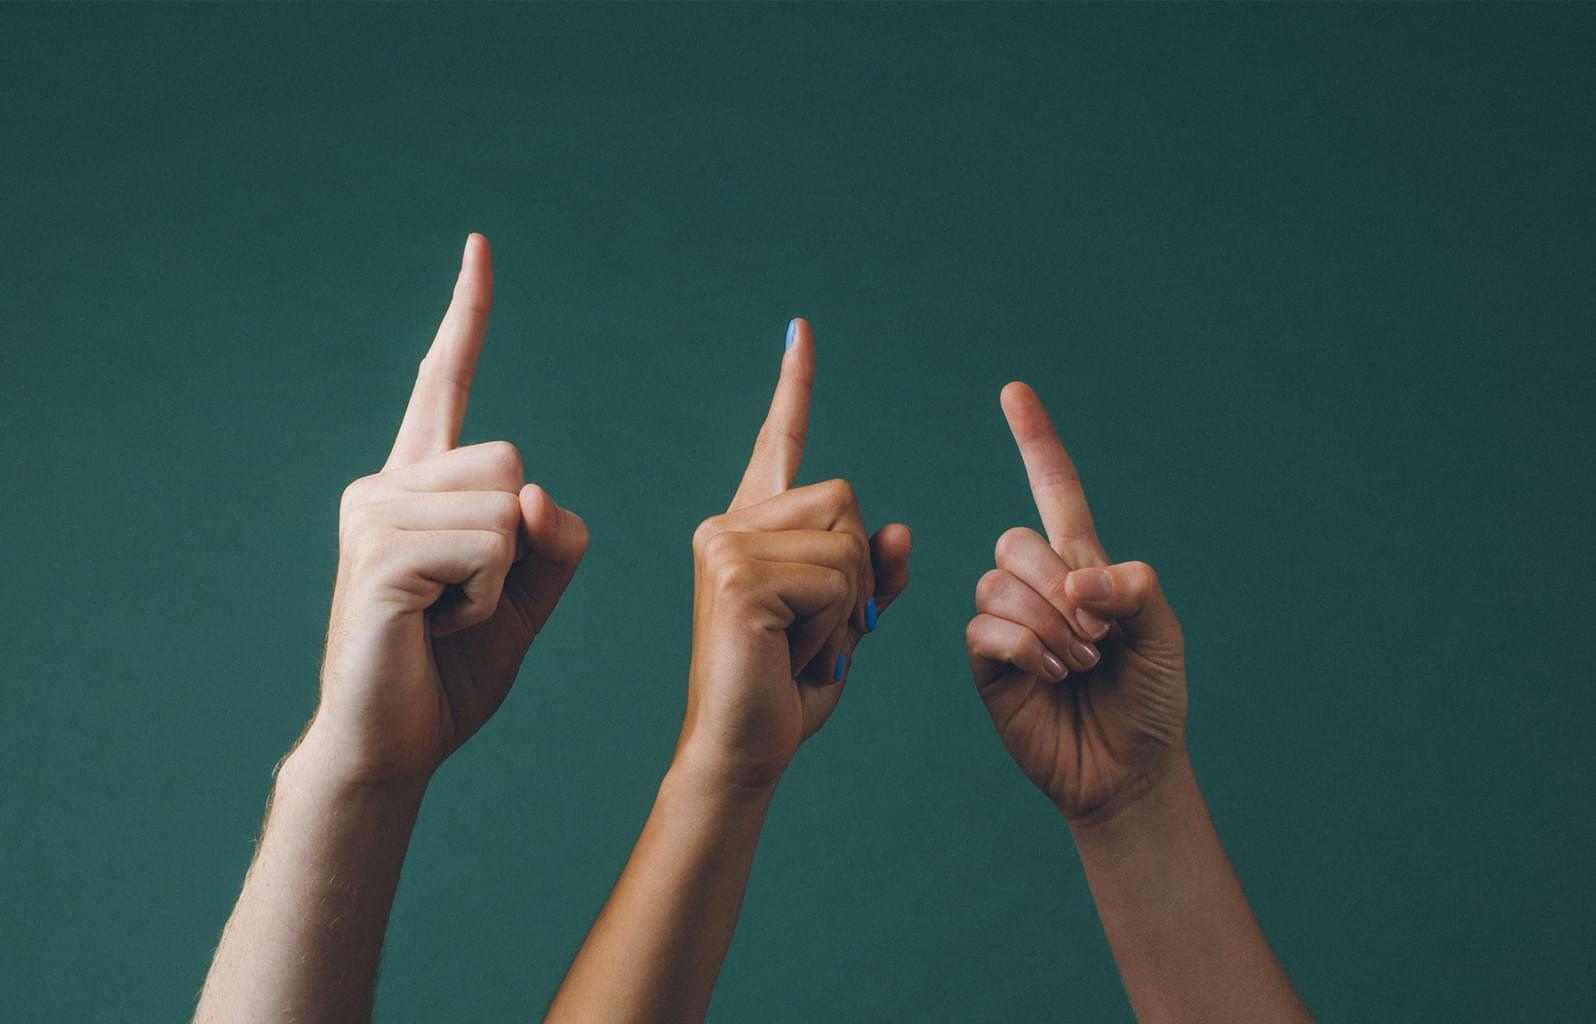 変化する顧客の期待に応え続ける方法